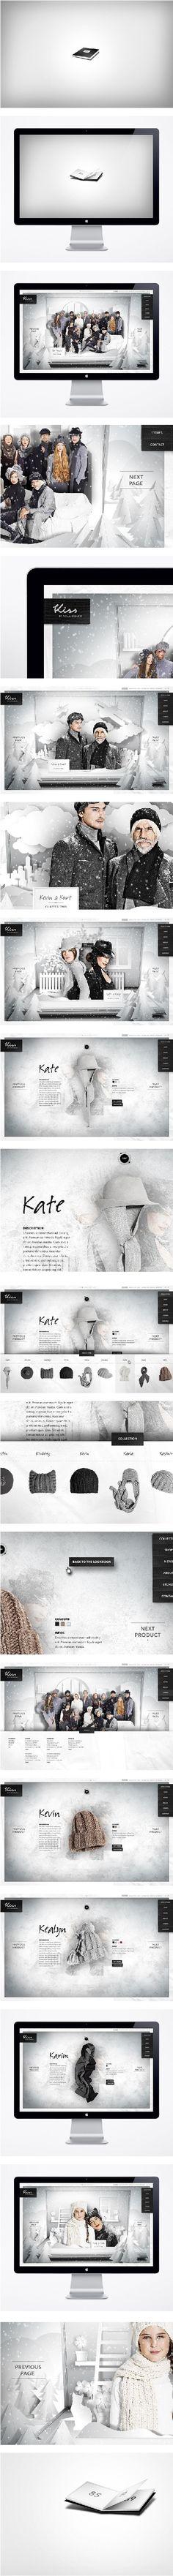 Website / Kiss by Fiona Bennett Art Direction, Branding, Web Design: Web Design Tips, Web Design Company, Creative Design, Web Layout, Layout Design, Website Layout, Mise En Page Web, Affordable Website Design, Design Digital